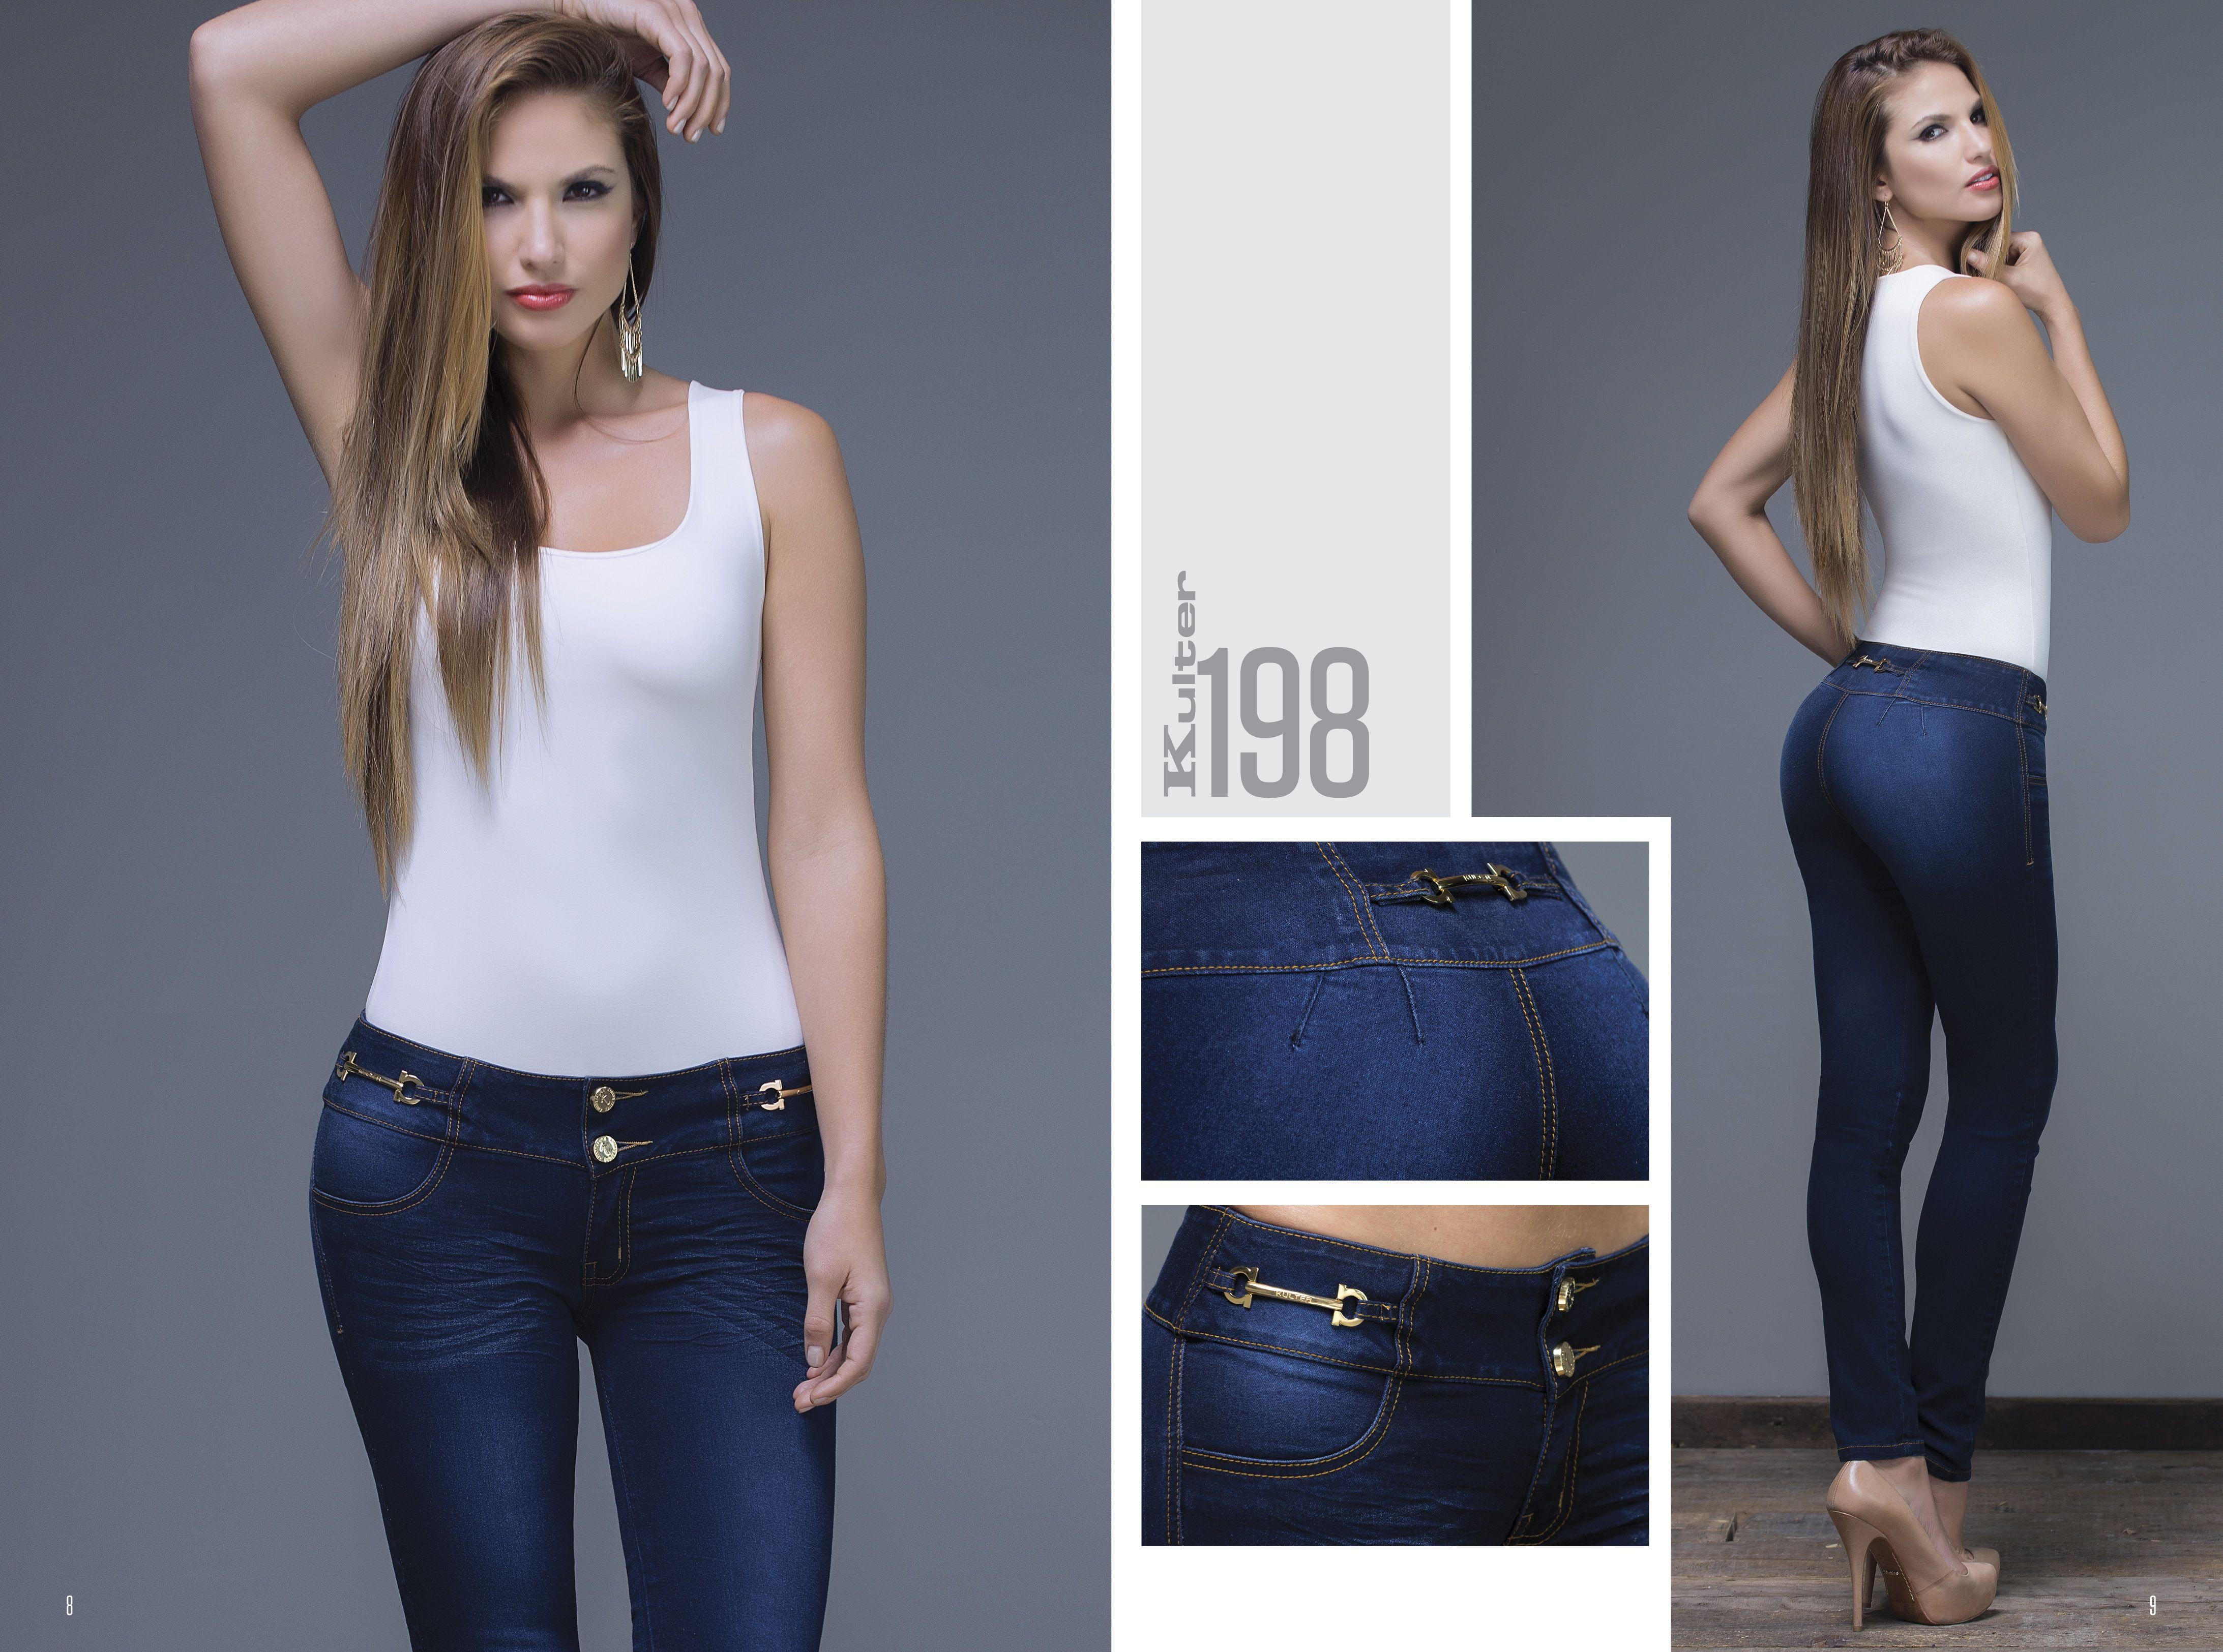 Ref 198.  Jean con pinzas y sin bolsillos. que se acomoda muy bien haciendo resaltar tu silueta. #bykulter #Modas #Fashion #Silueta #Mujeres #Look #Style